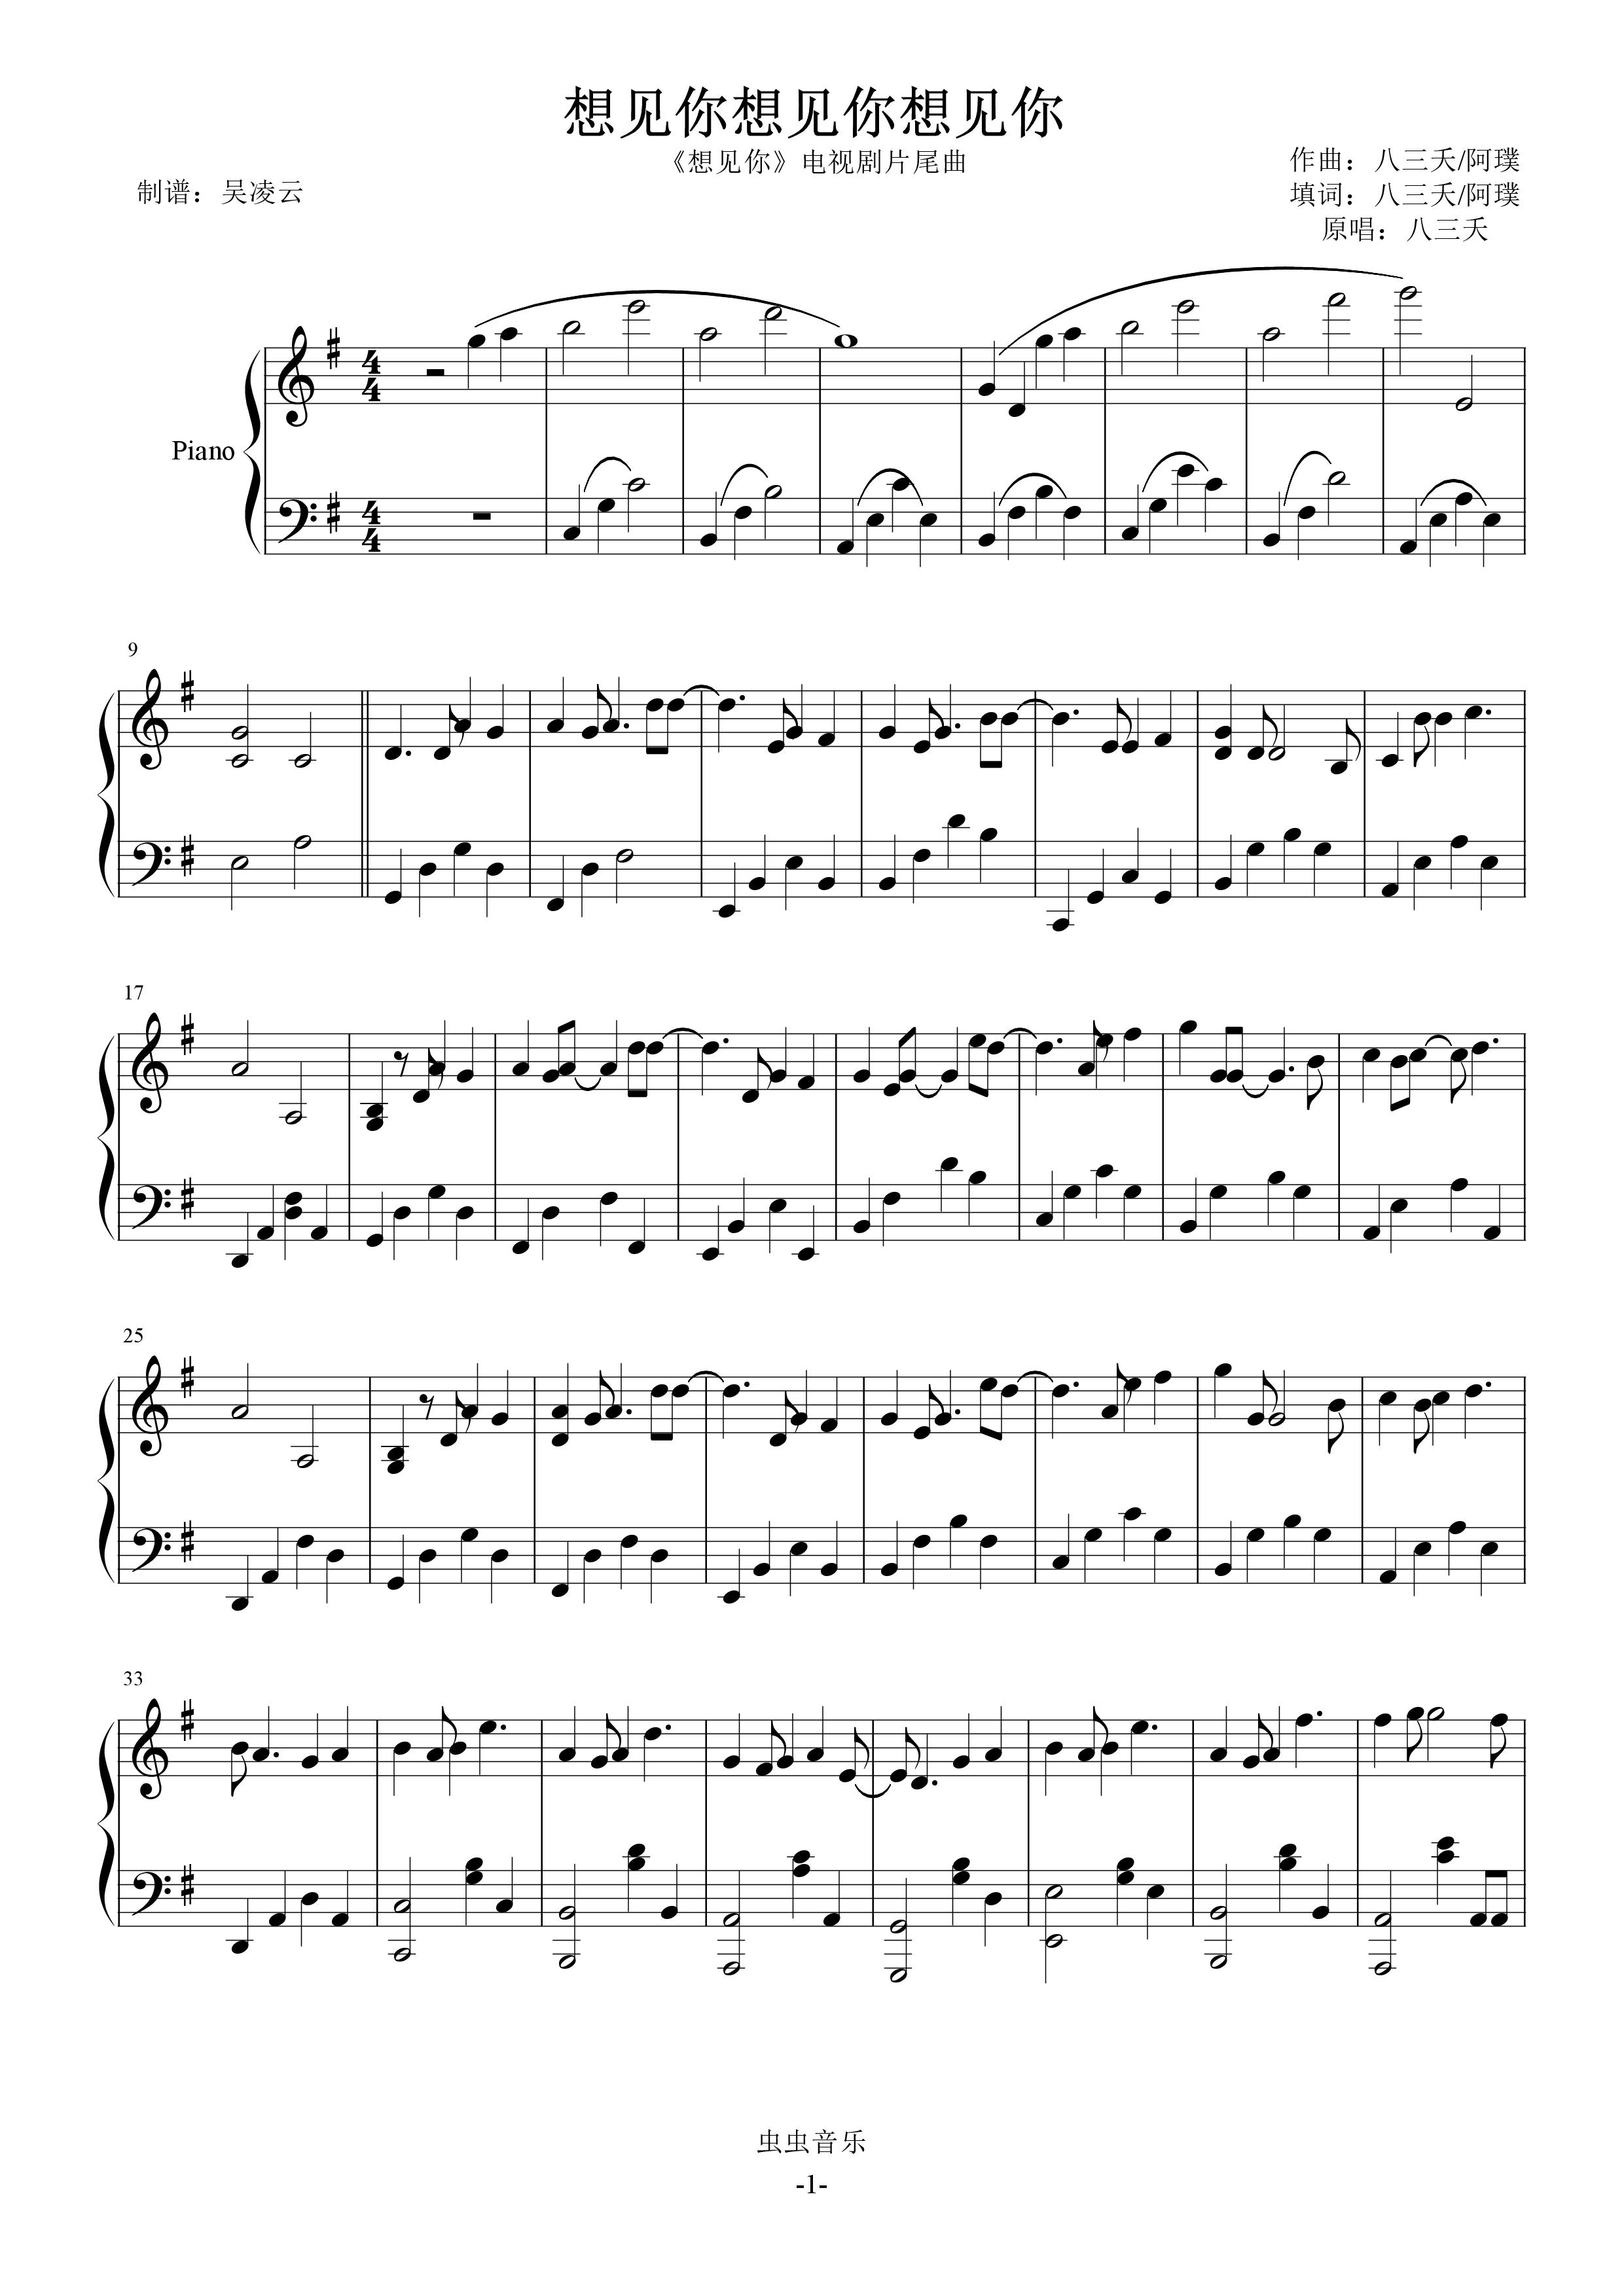 八三拍曲谱_钢琴简单曲谱